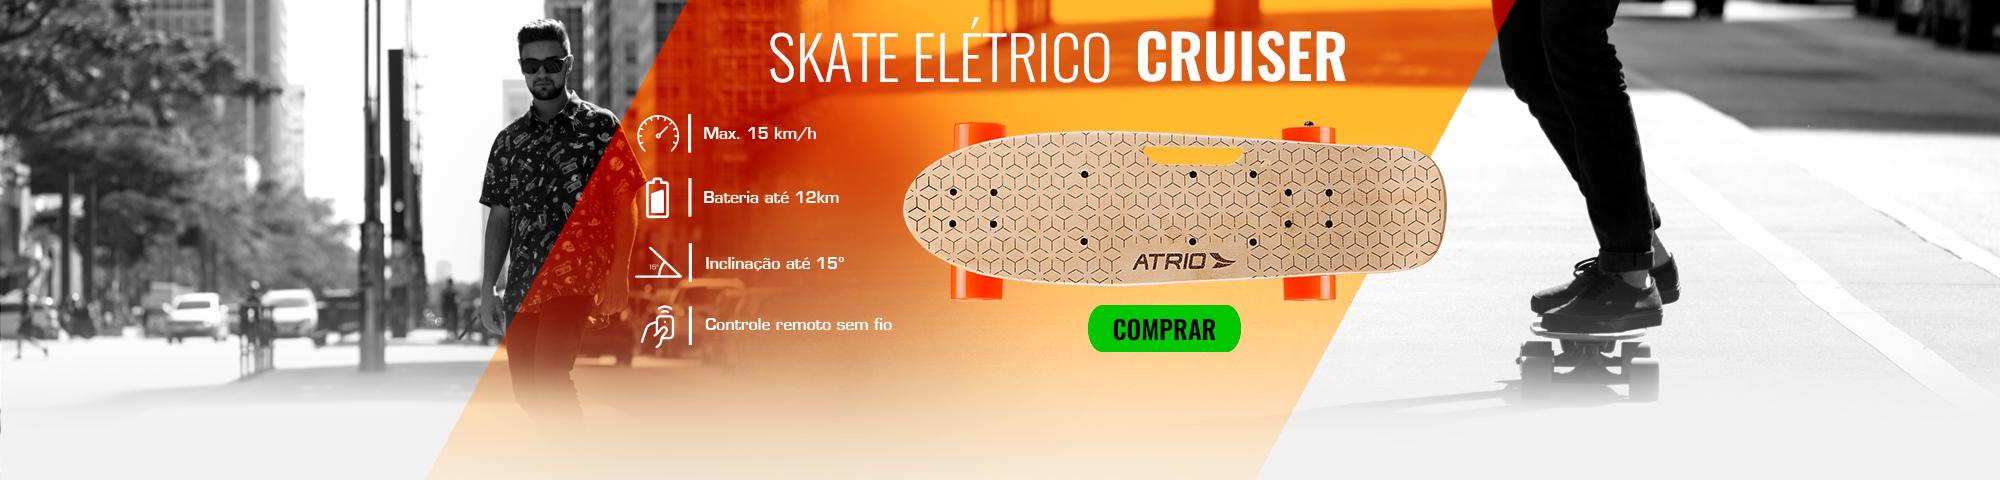 Banner Skate Elétrico